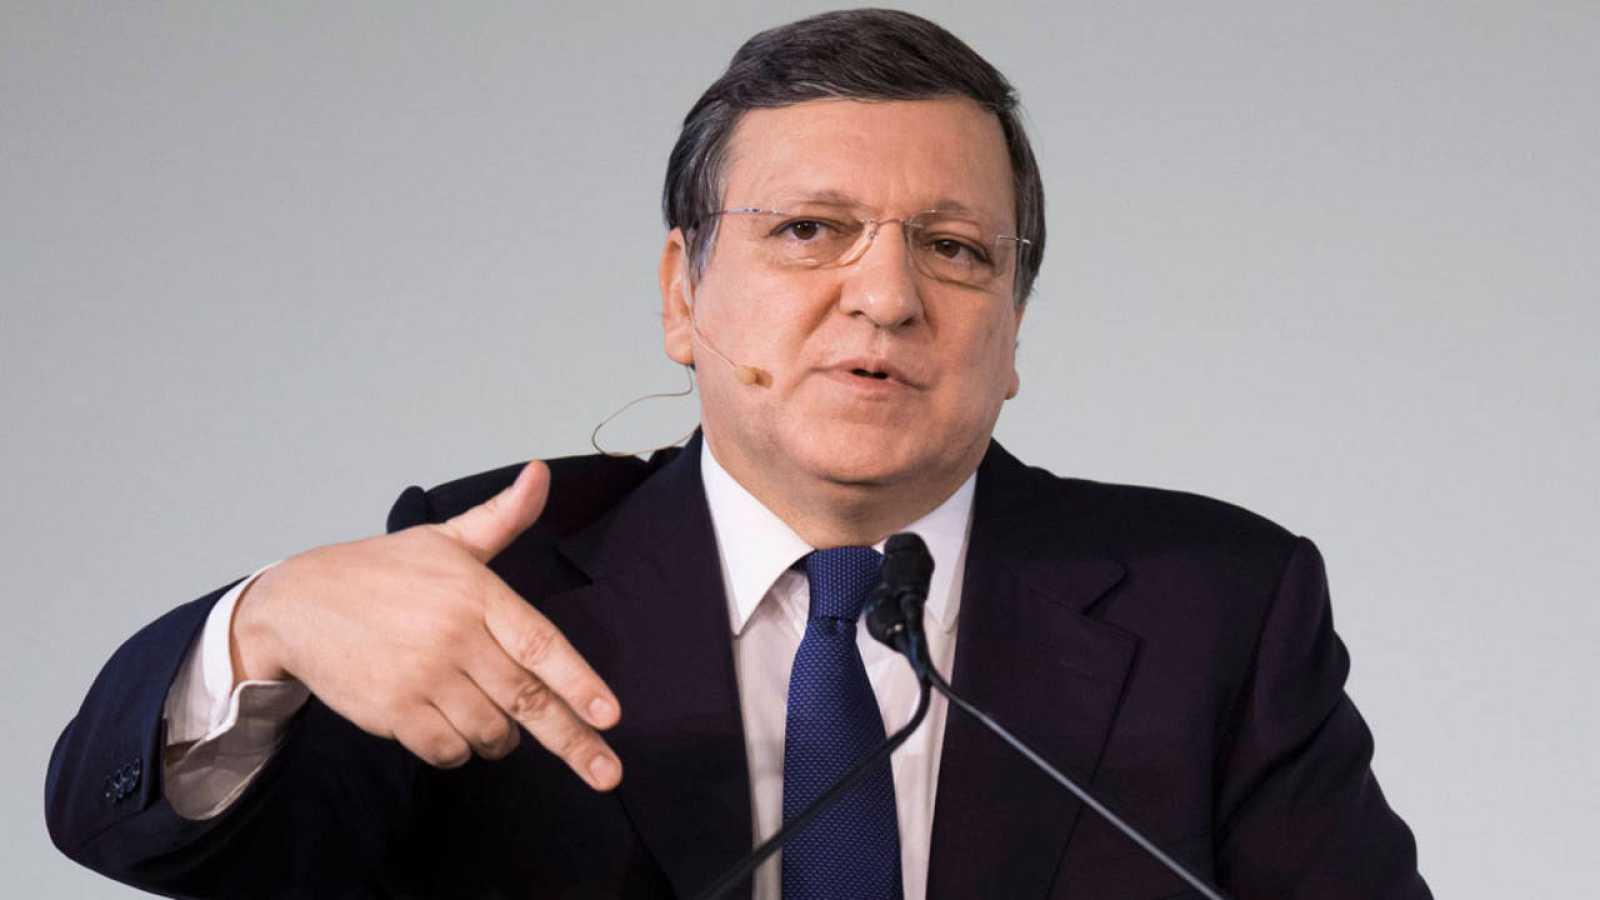 El expresidente de la Comisión Europea, José Manuel Barroso